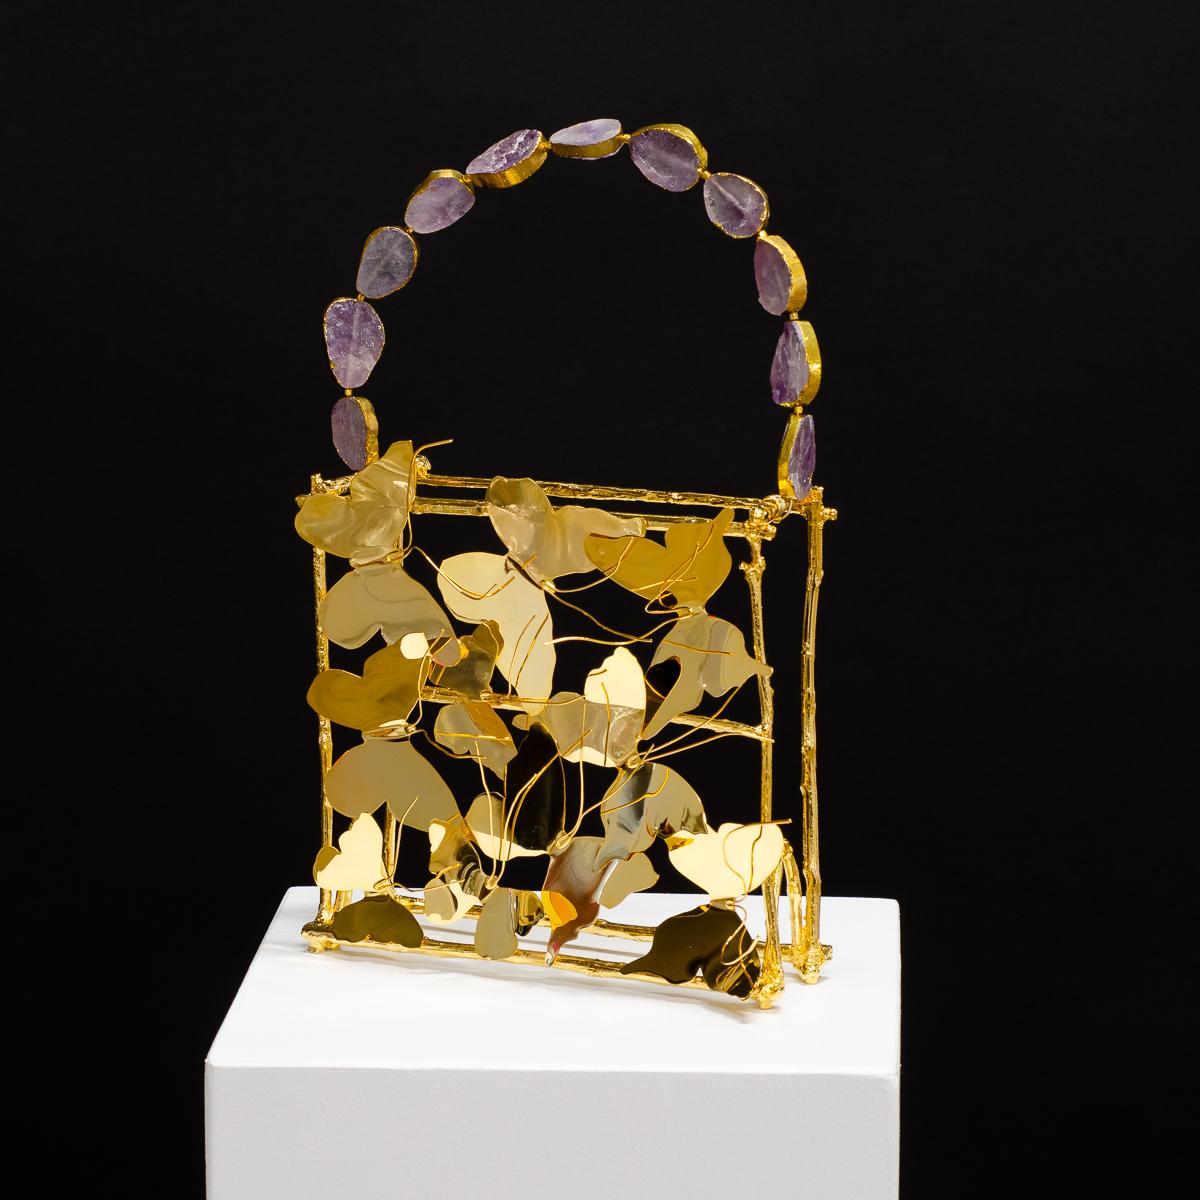 Sculpture by Beatriz Gerenstein. Handbag made in Bronze, 24K Gold, and Amethyst